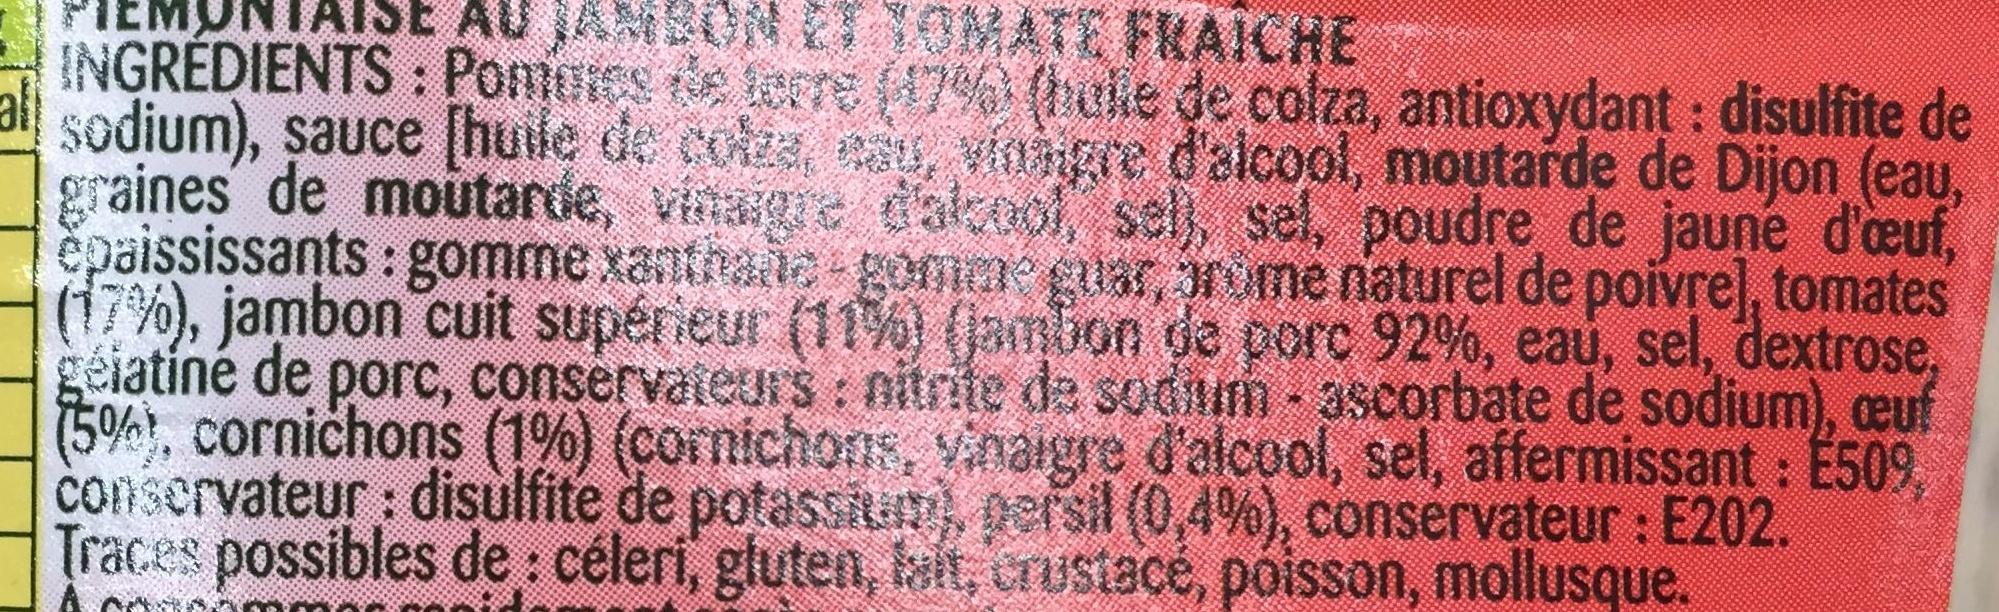 Piémontaise au Jambon et Tomate fraîche - Ingredients